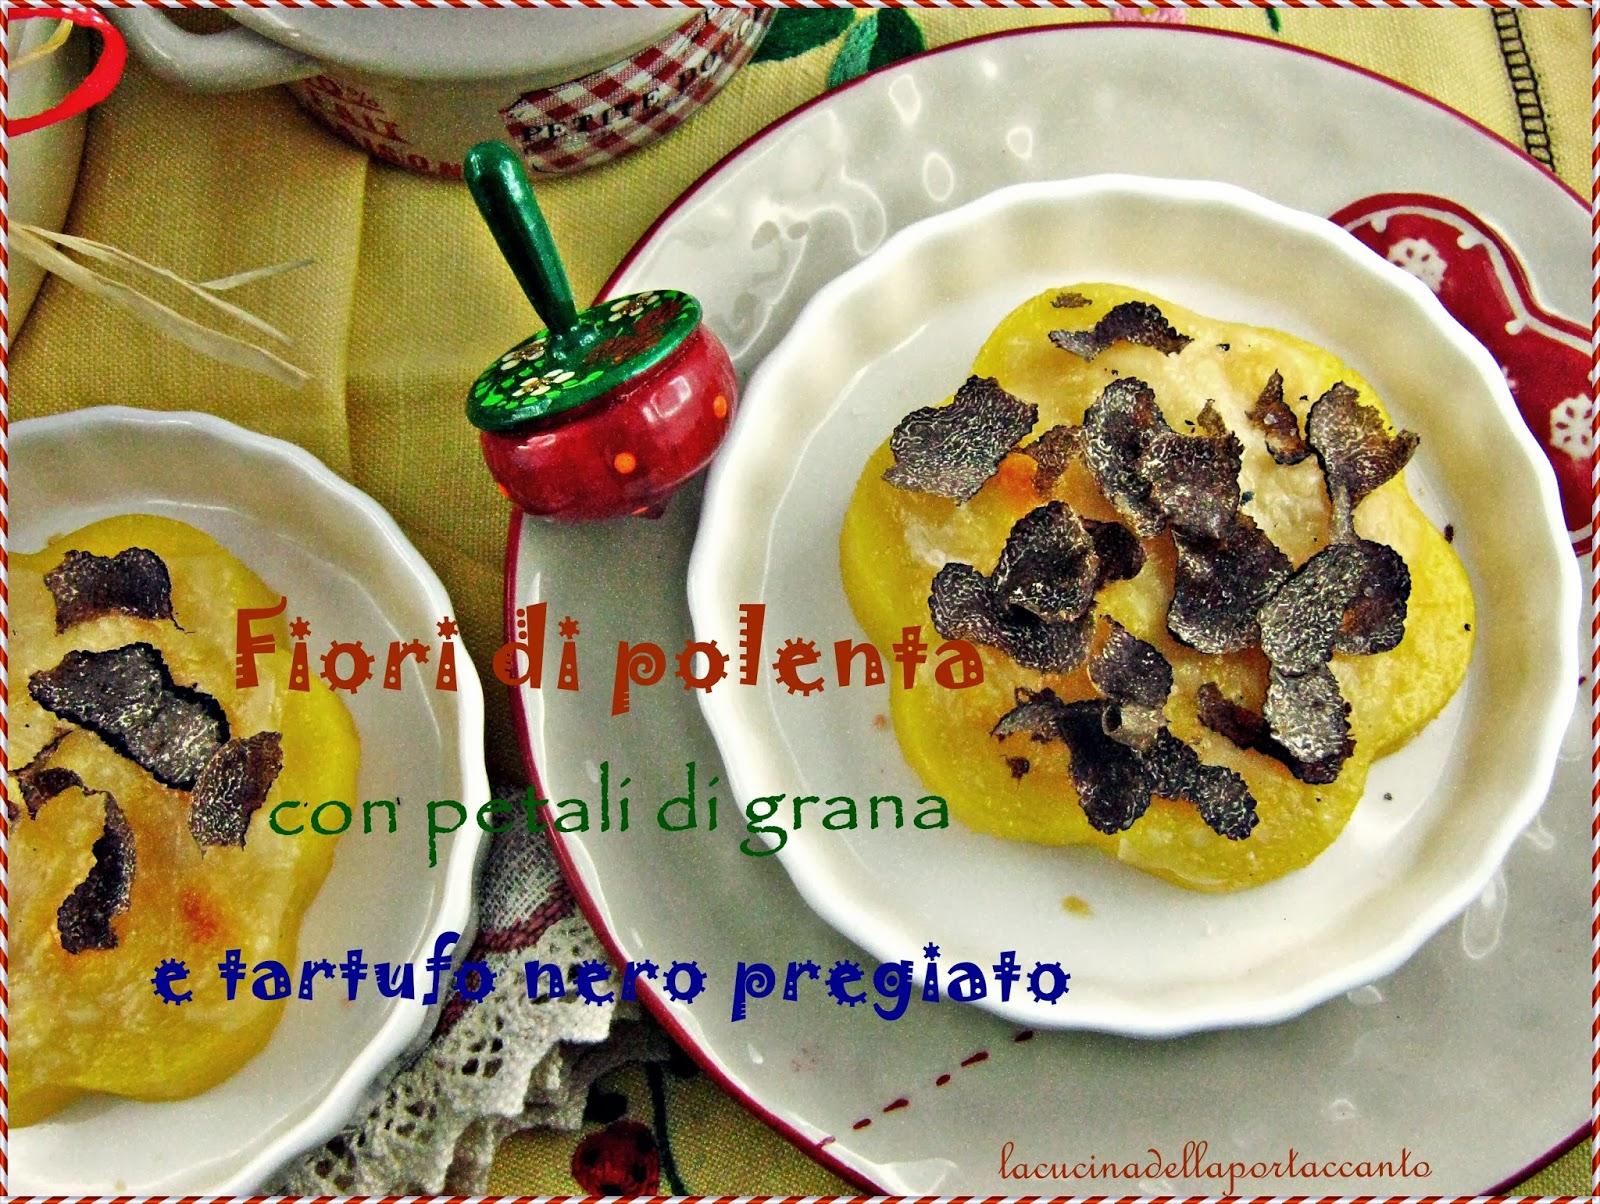 fiori di polenta con tartufo nero pregiato e petali di grana